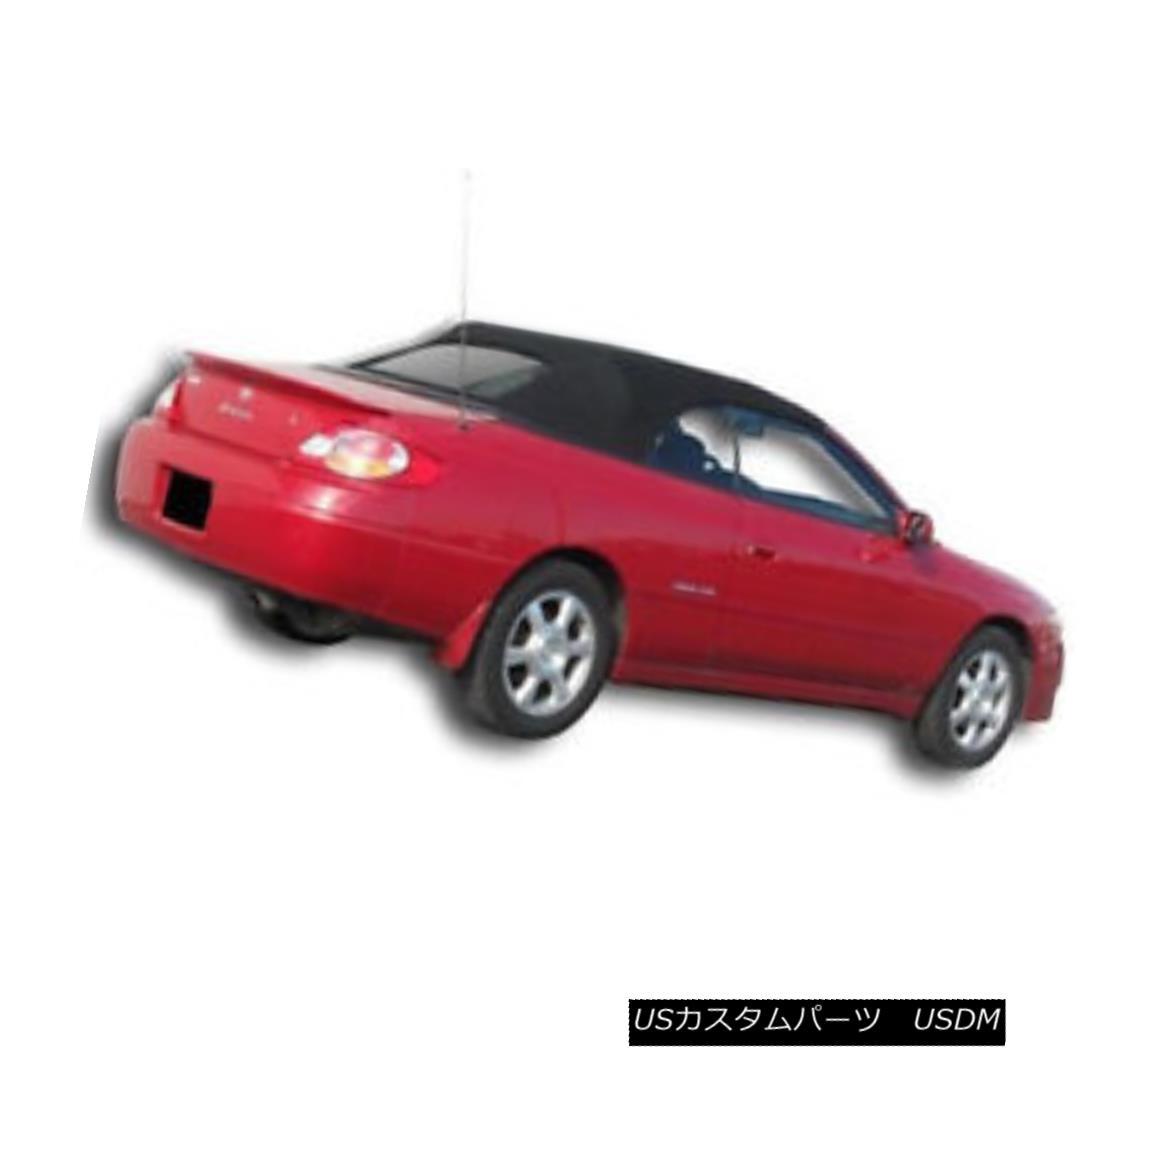 幌・ソフトトップ Toyota Solara Convertible Soft Top & Heated Glass Window 1999-2003 Black Cloth トヨタソララコンバーチブルソフトトップ& 加熱ガラス窓1999-2003 Black Cloth